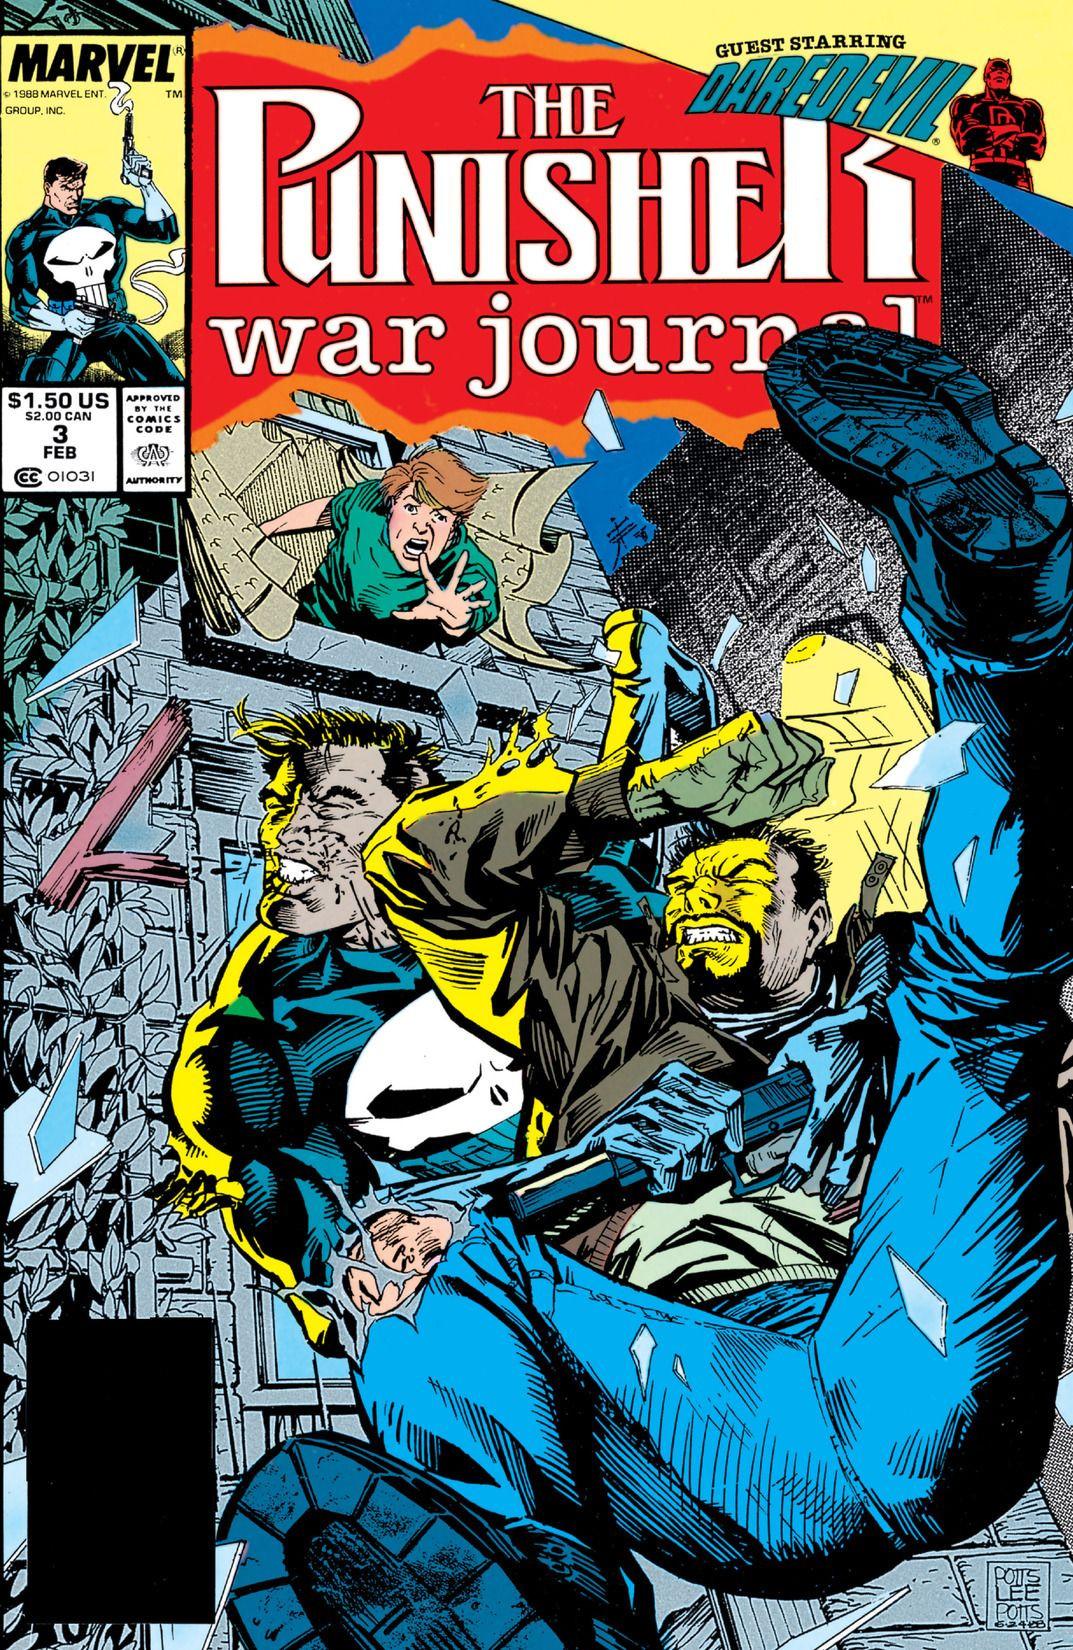 Punisher War Journal Vol 1 3 | Marvel Database | FANDOM ...